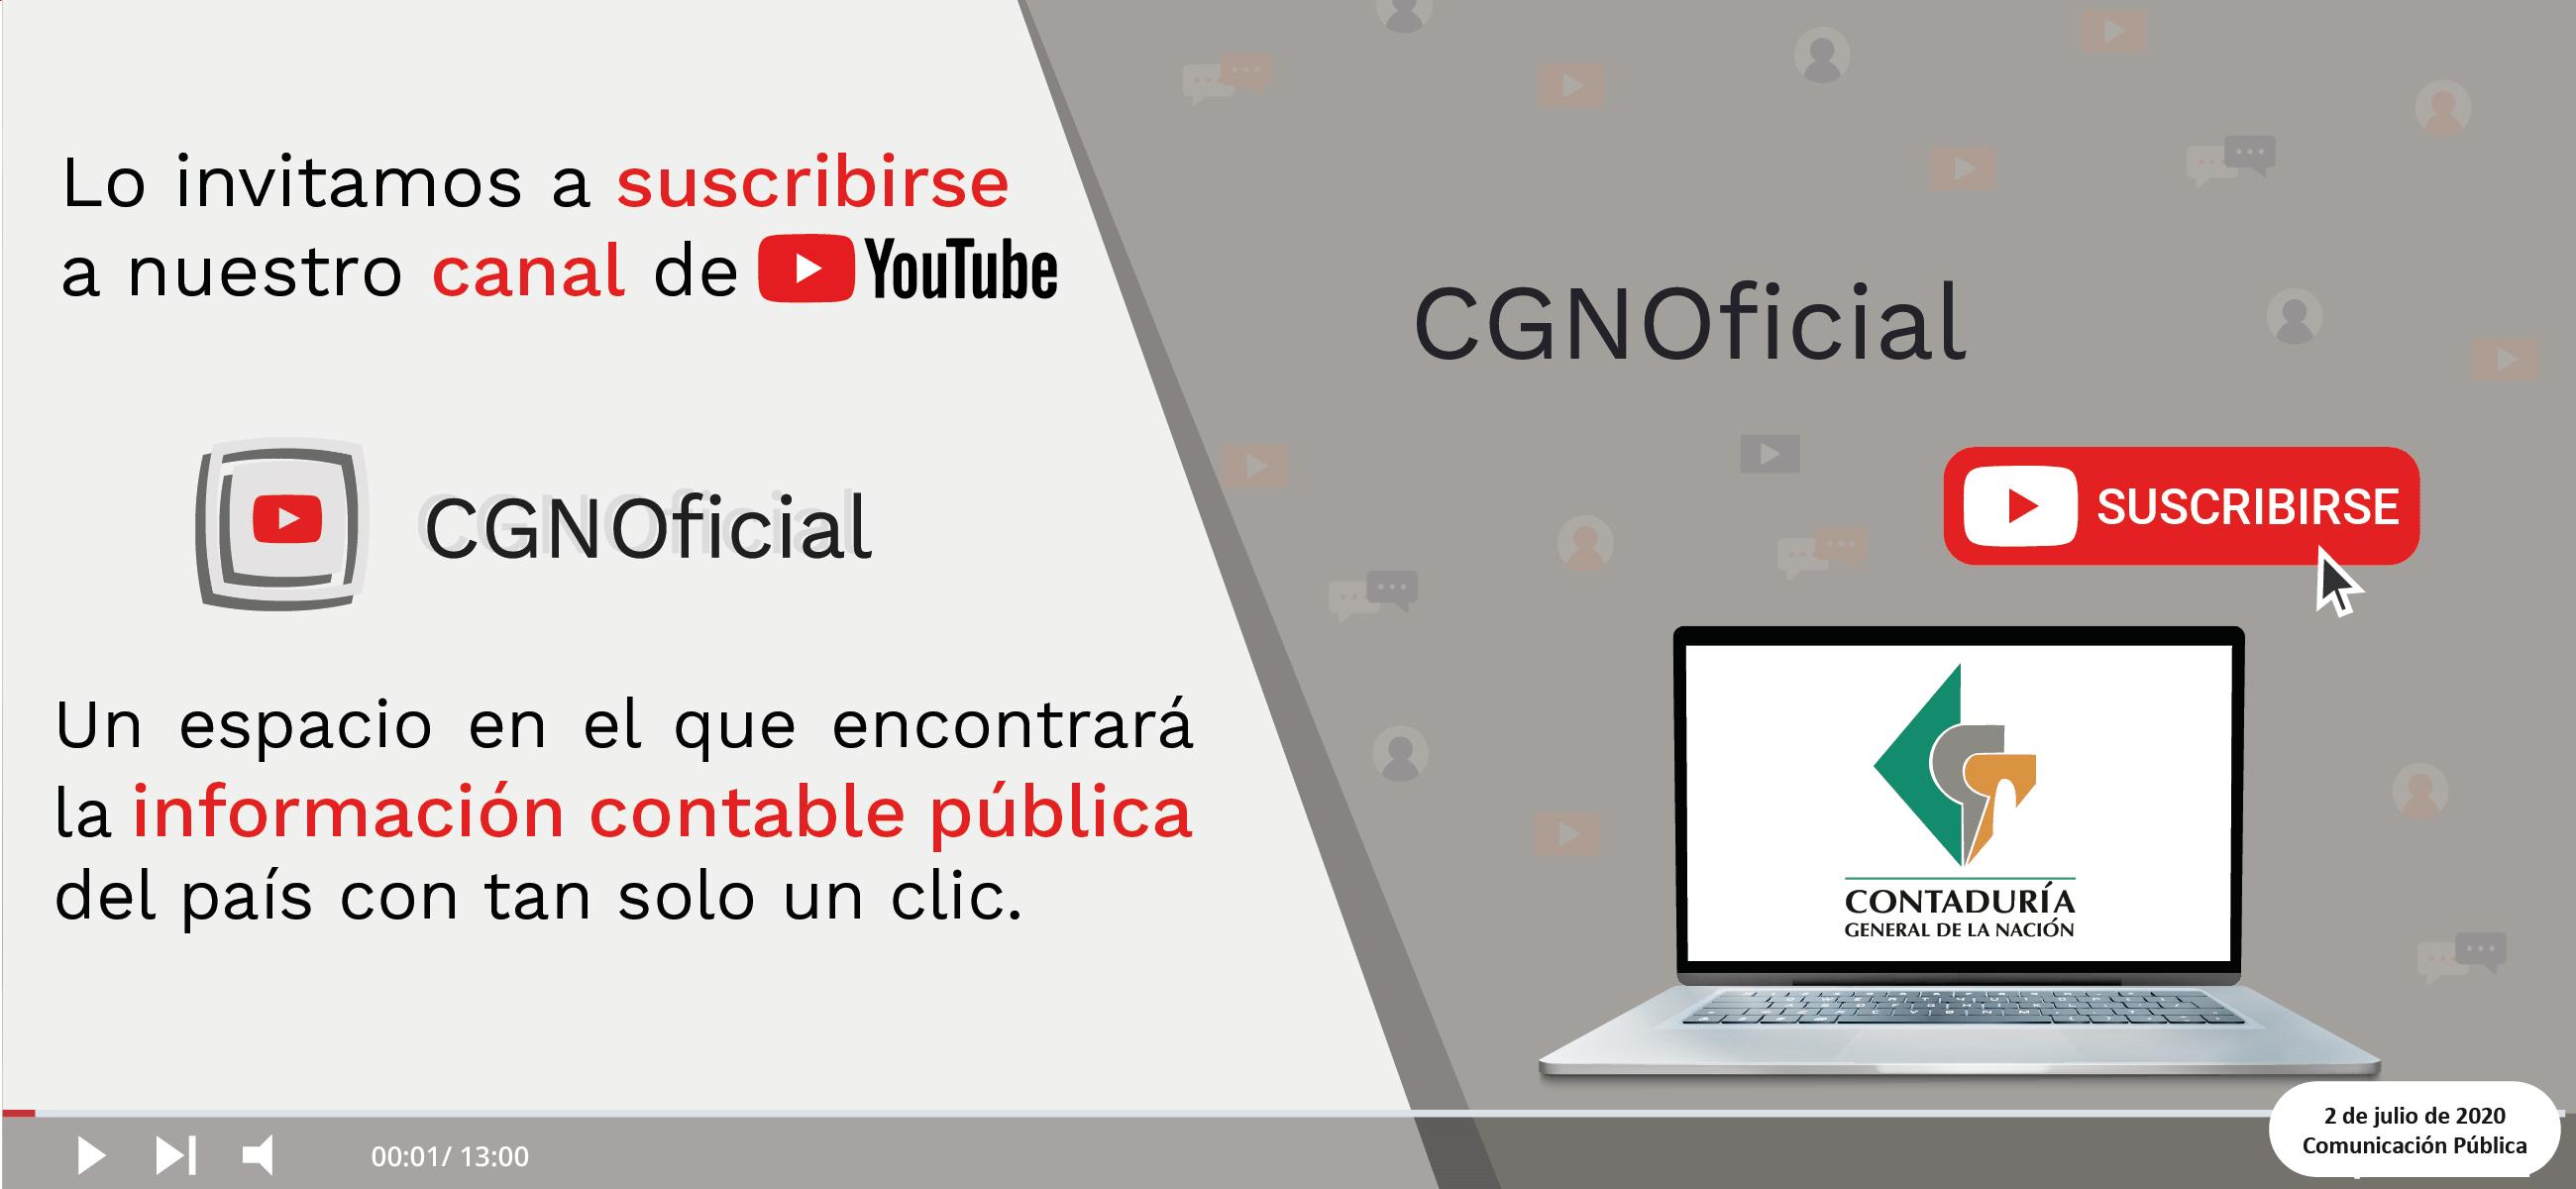 ¿Cómo suscribirse al canal de YouTube?